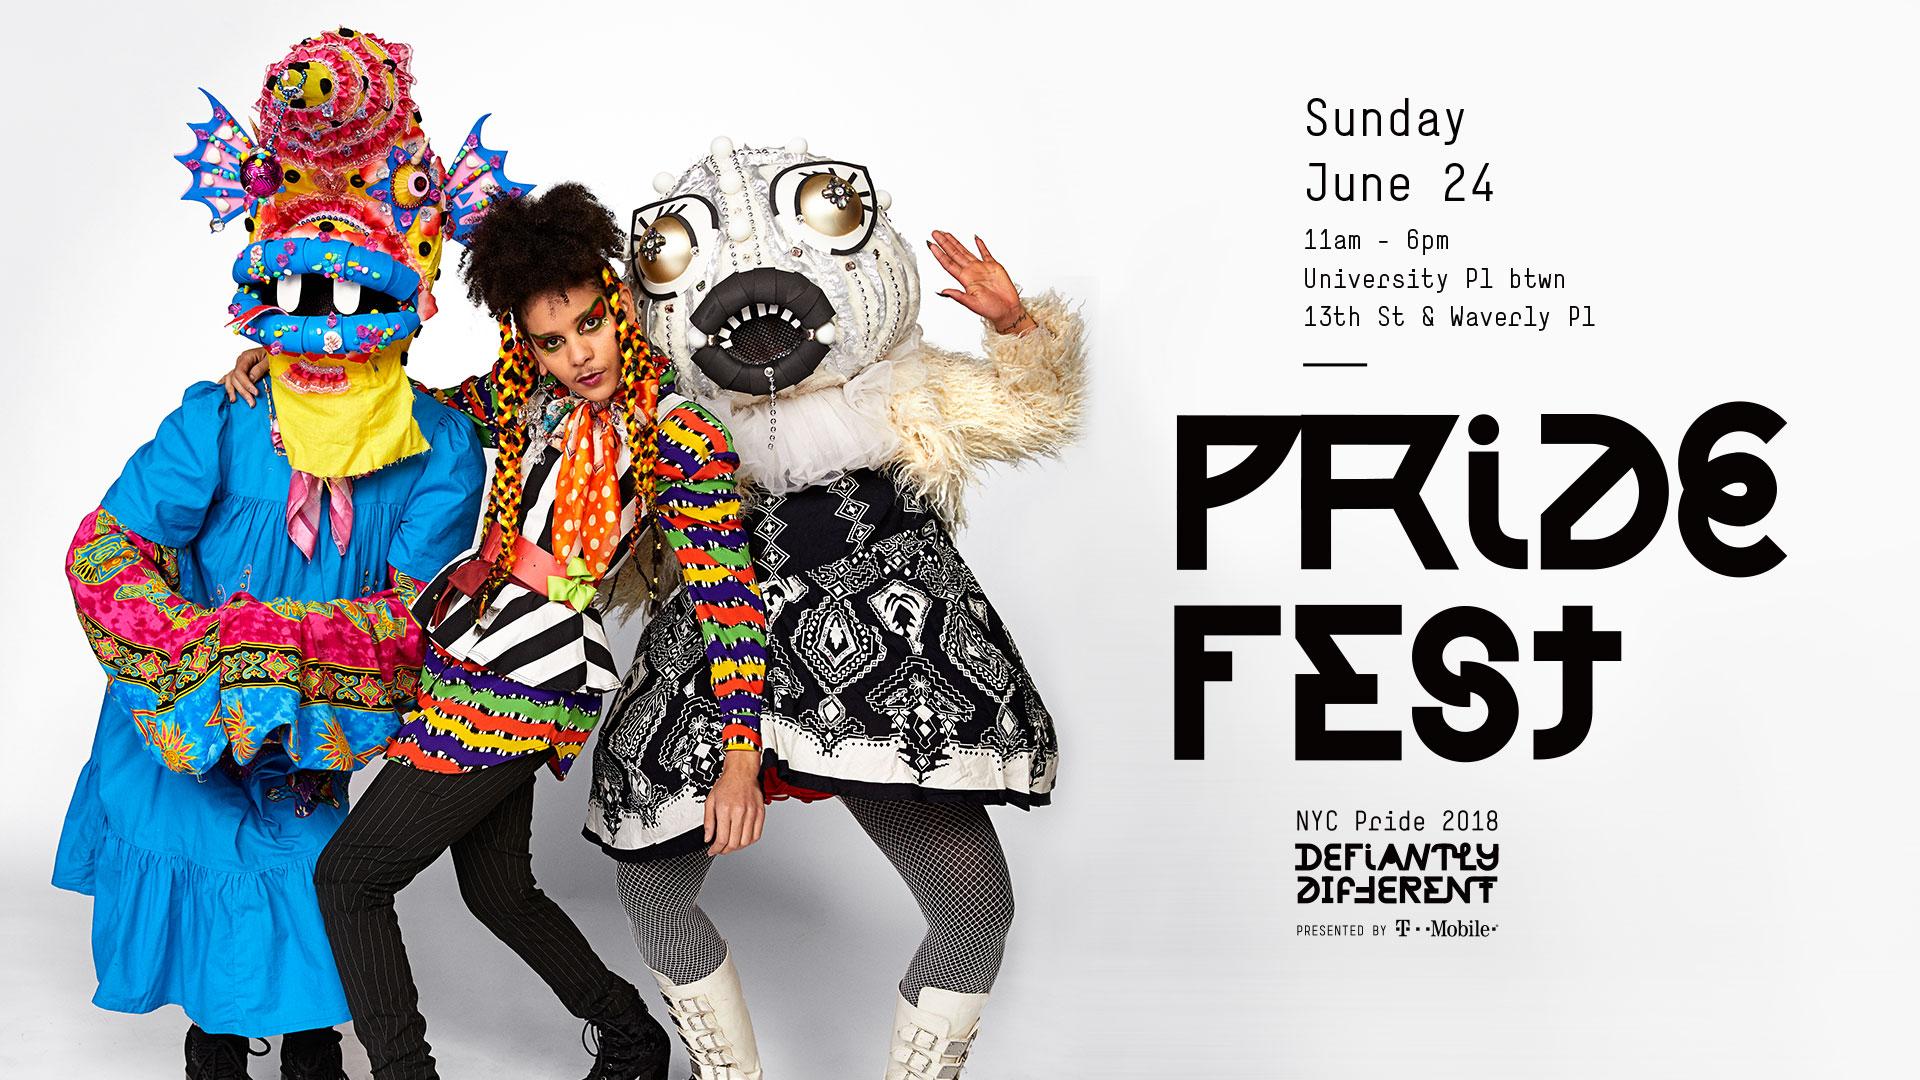 PrideFest_FacebookEvent.jpg